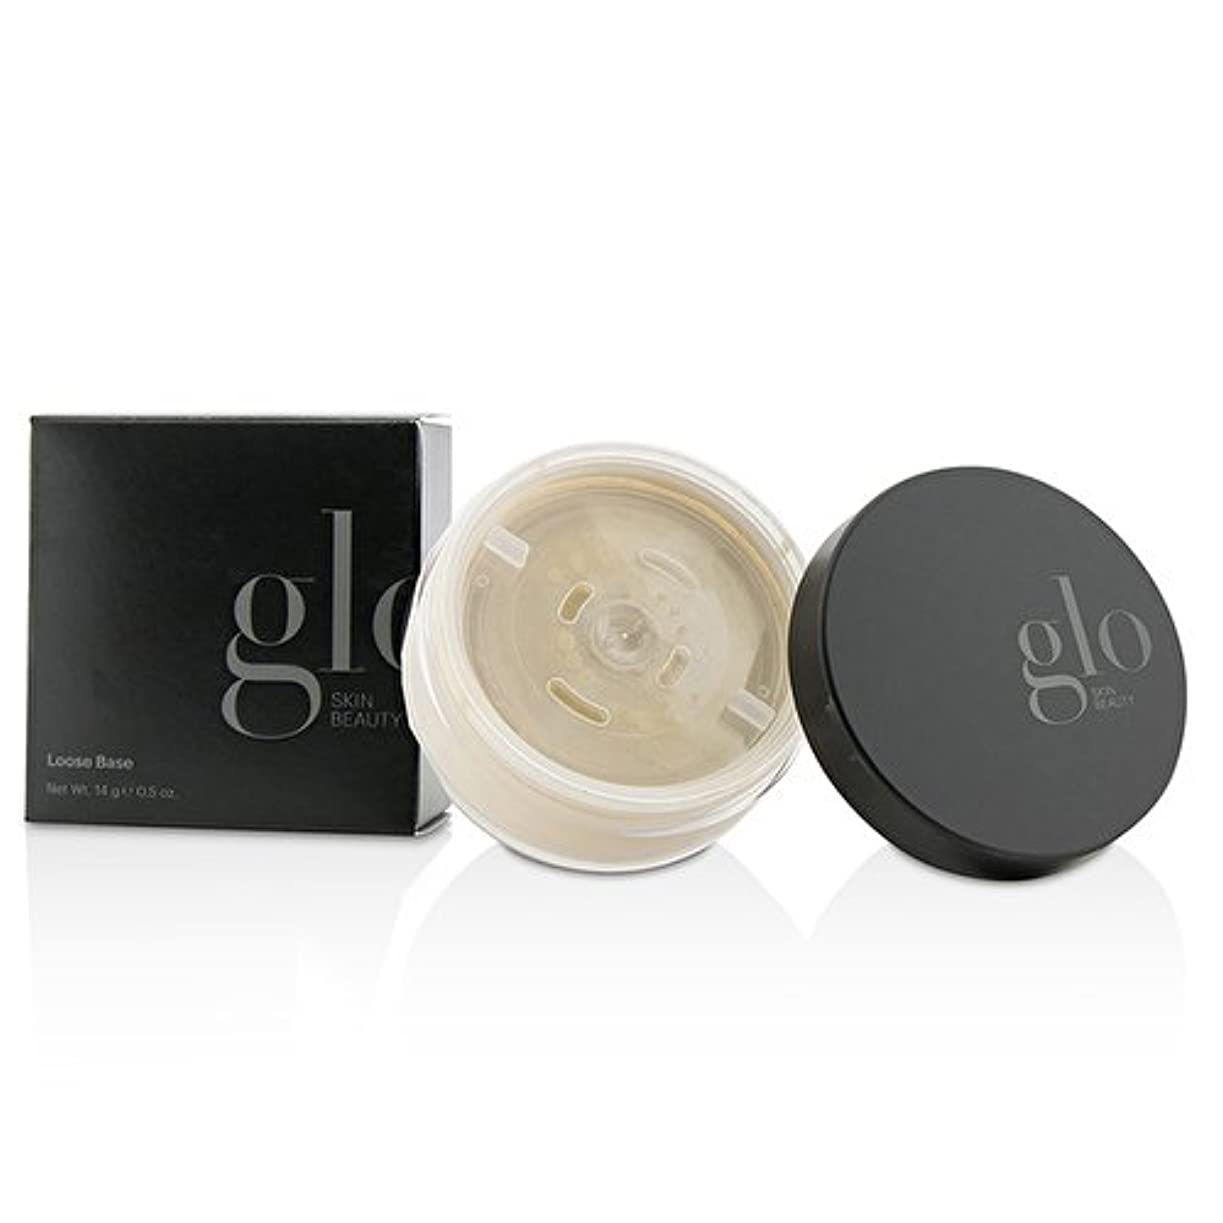 セーブストッキングより良いGlo Skin Beauty Loose Base (Mineral Foundation) - # Natural Fair 14g/0.5oz並行輸入品